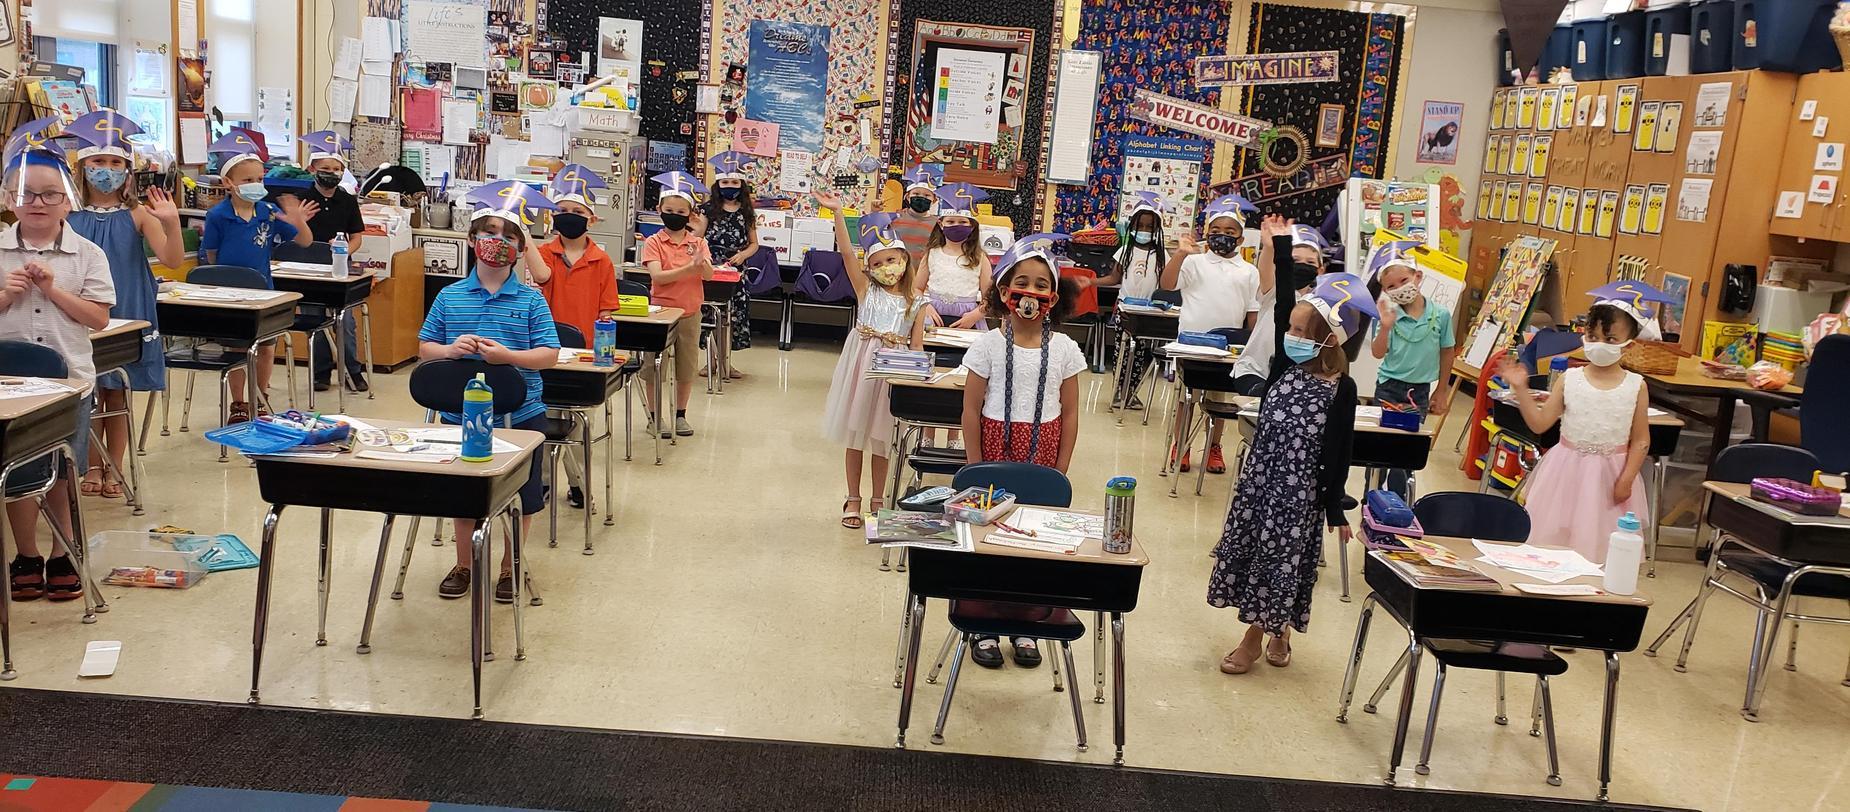 kindergarten students at their desks